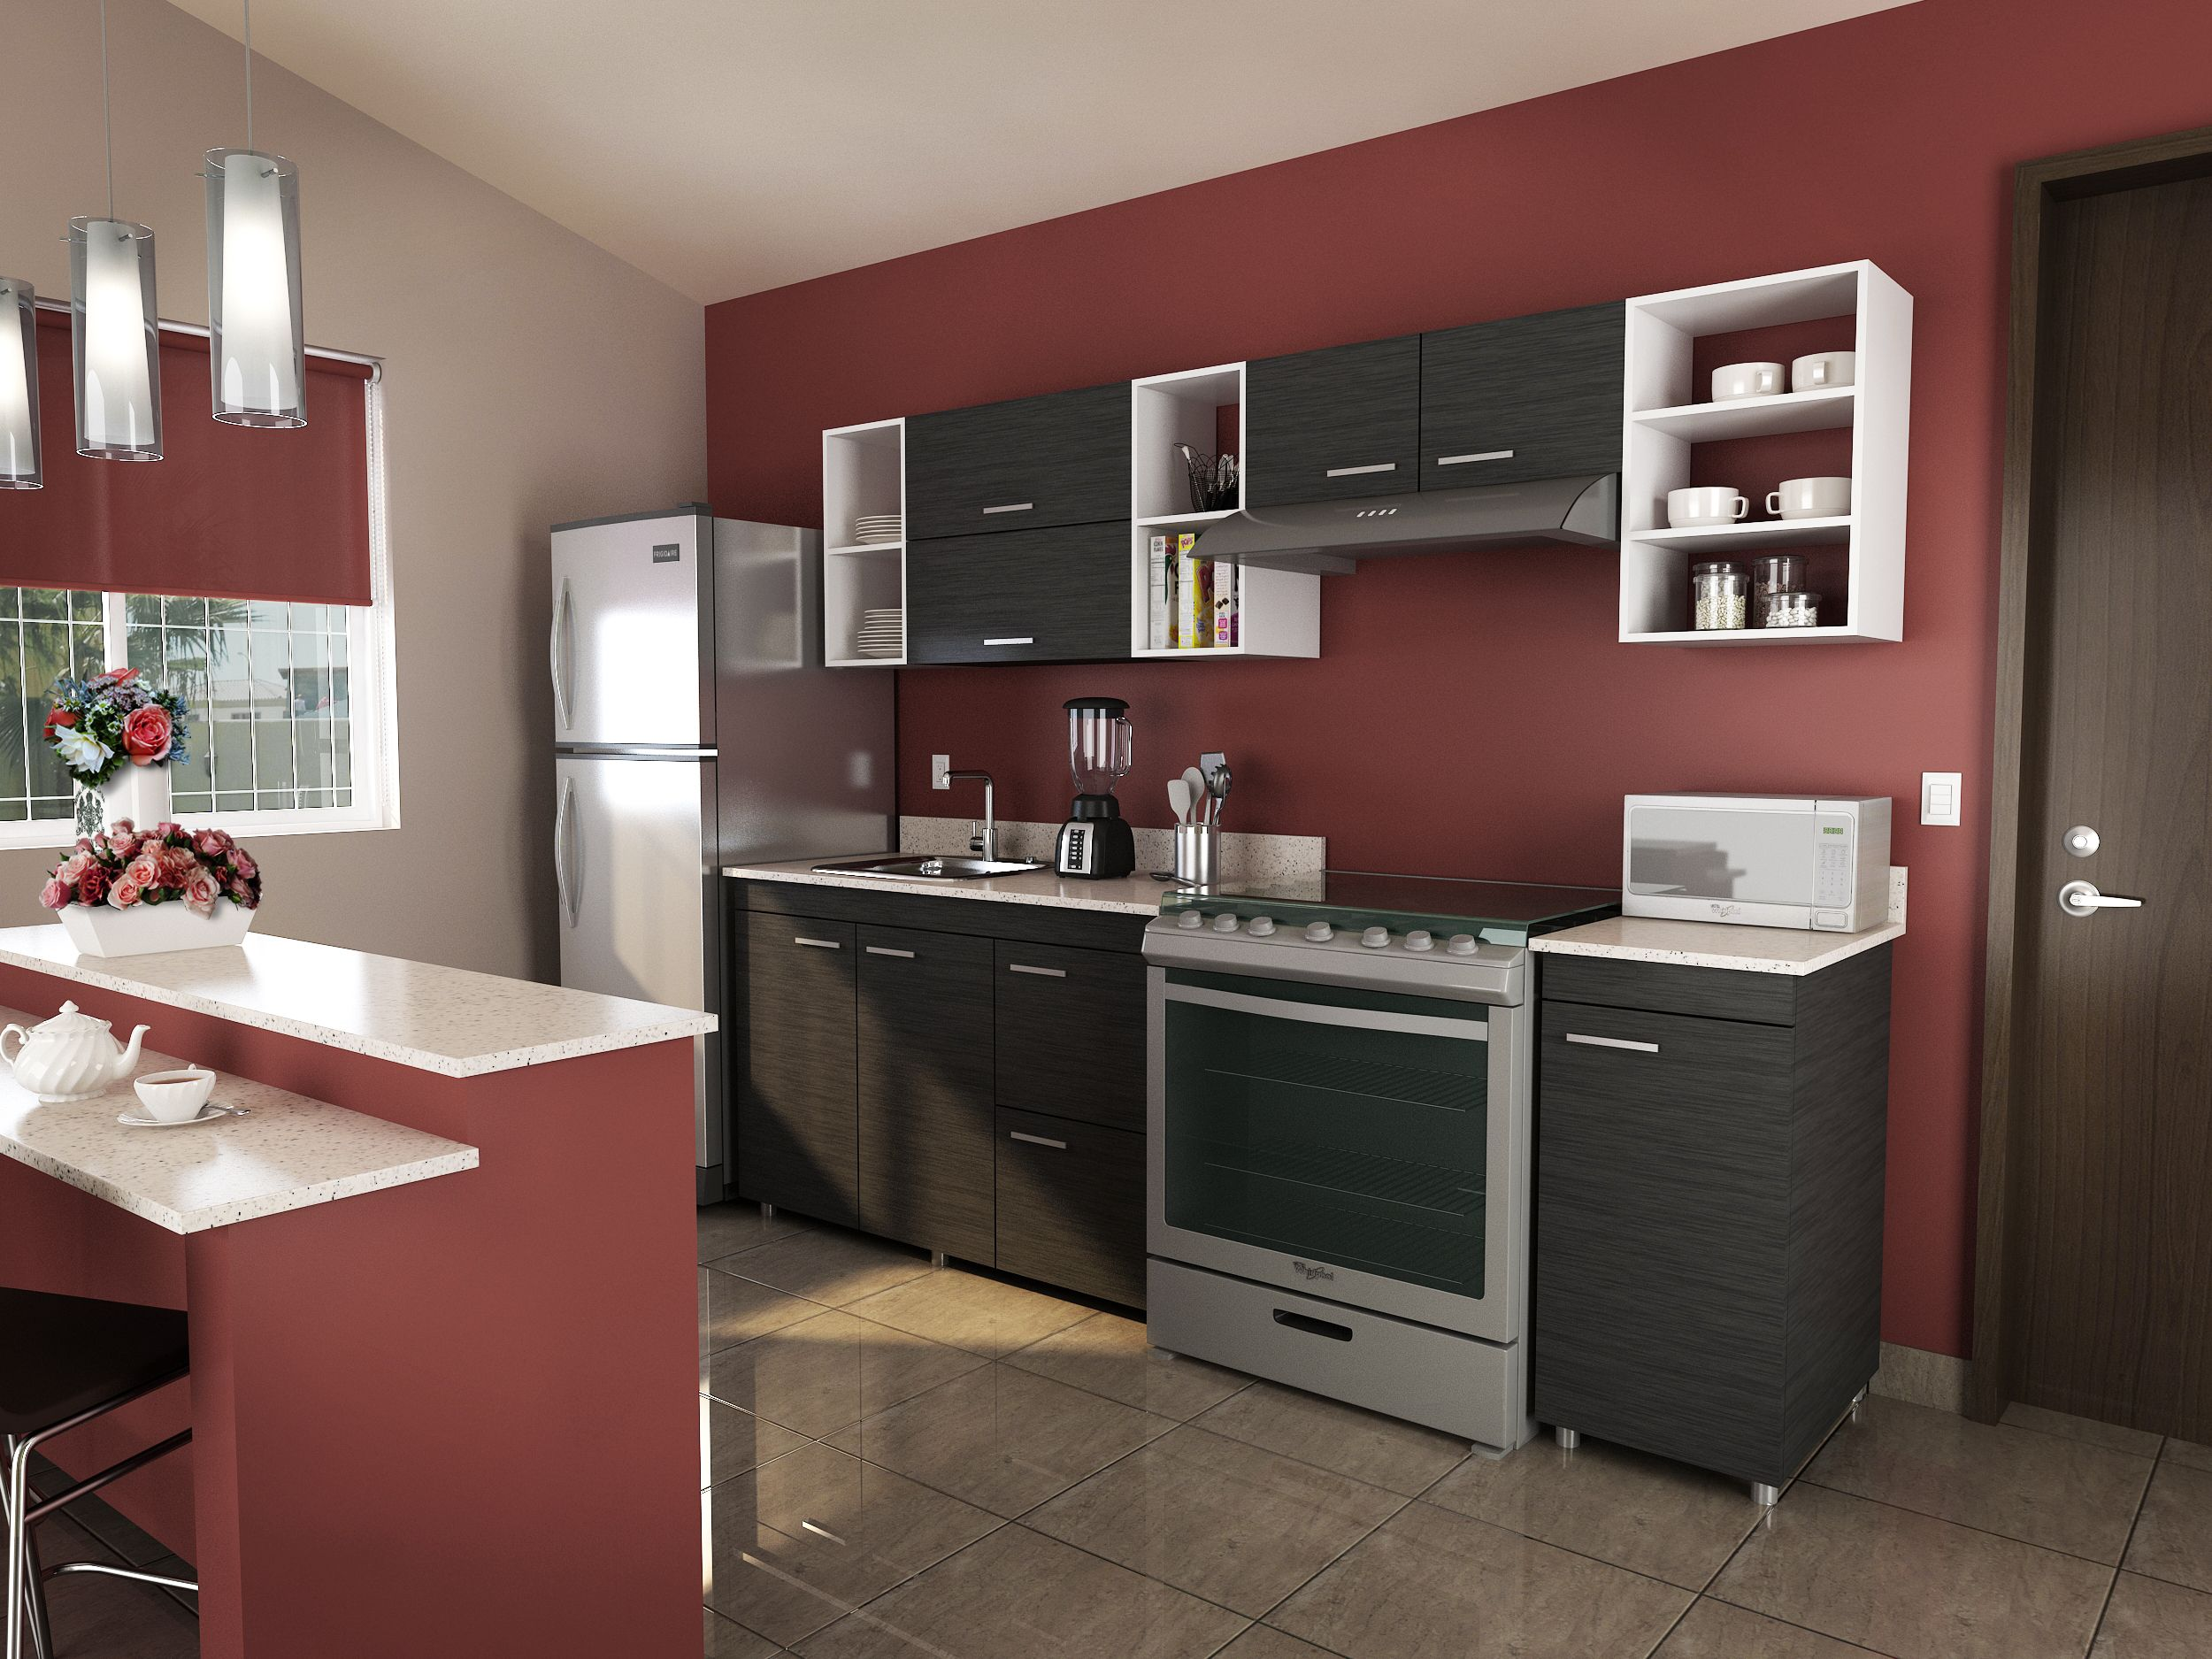 Renueva Tu Cocina Con Gabinetes Color Gris Y Combina Con Un Tono  # Muebles De Cocina Kiwi